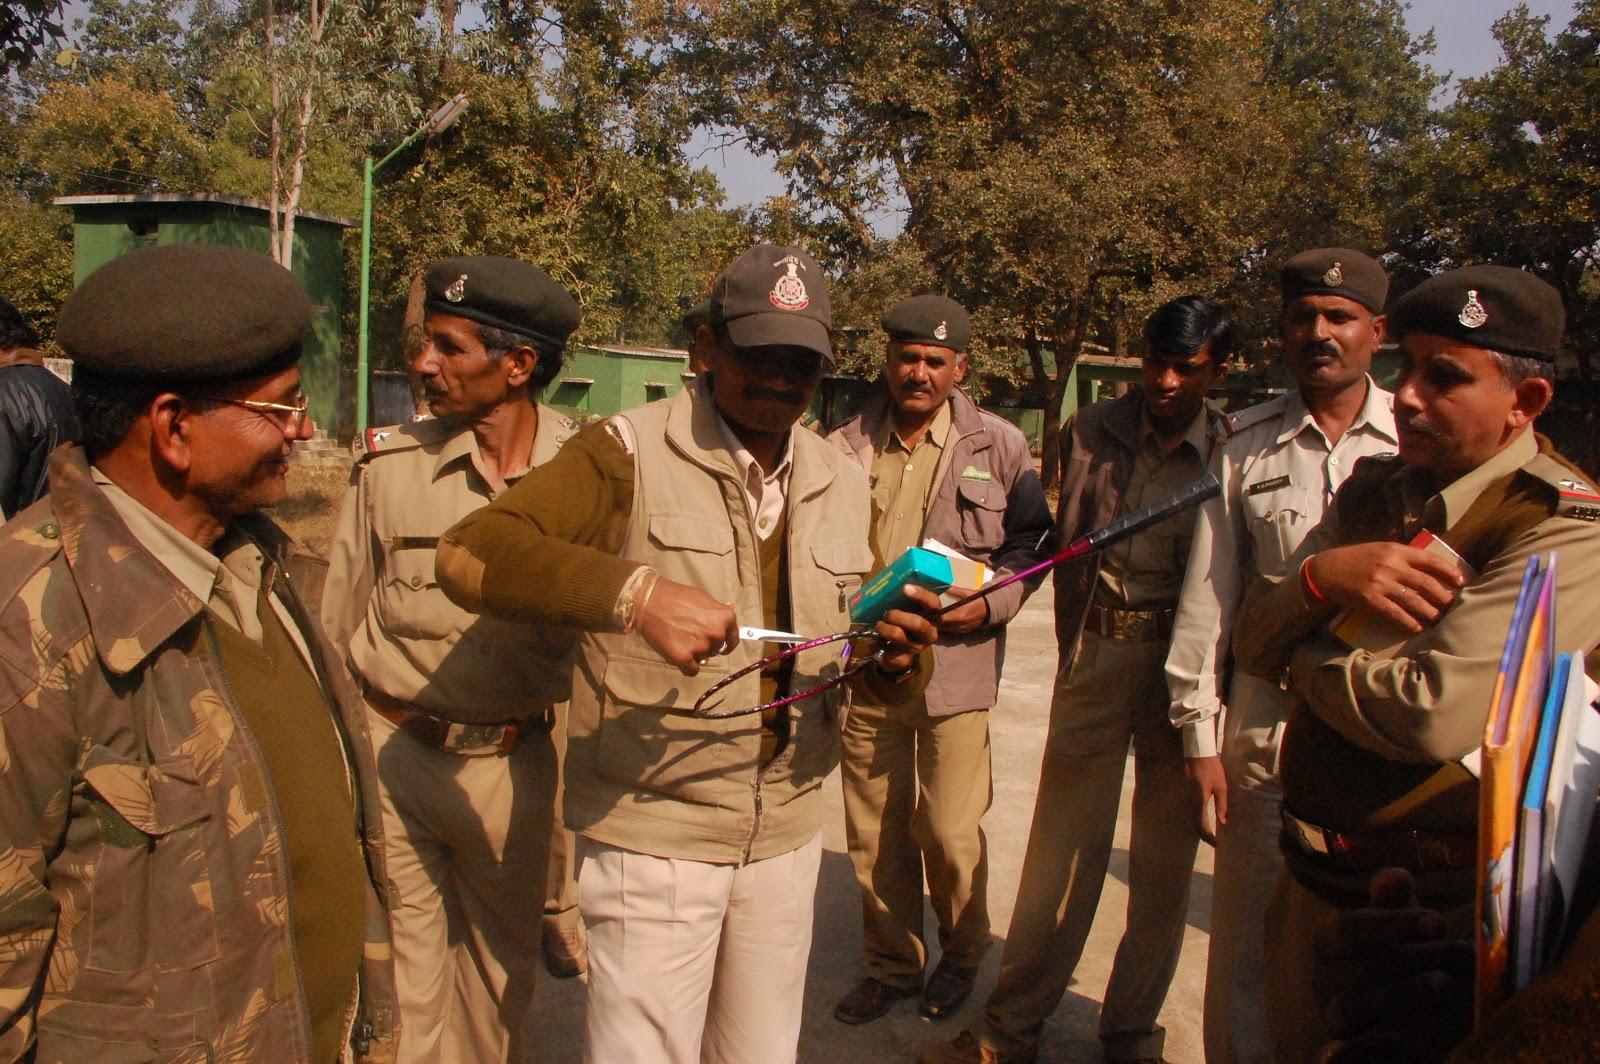 http://1.bp.blogspot.com/-lzmqkViNf70/UPqeIa4XxOI/AAAAAAAAJkc/HNXXOBV6eEI/s1600/VAN+RAKSHAK+(FOREST+GUARD+)+Rajasthan+Forest+Dept.+January+2013.JPG